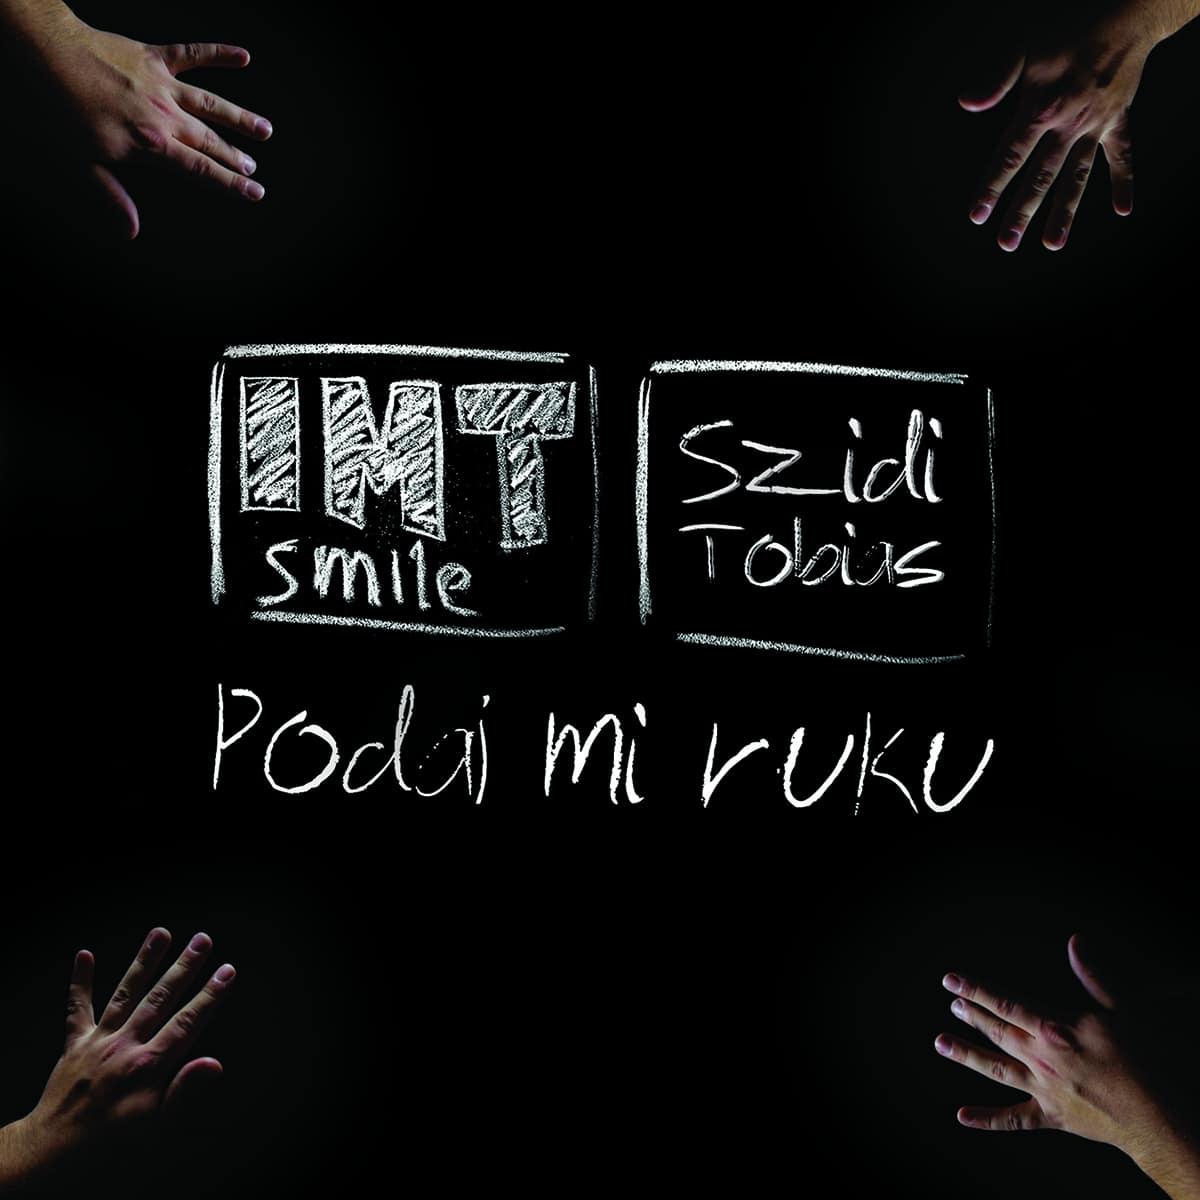 IMT Smile featuring Szidi Tobias - Podaj mi ruku